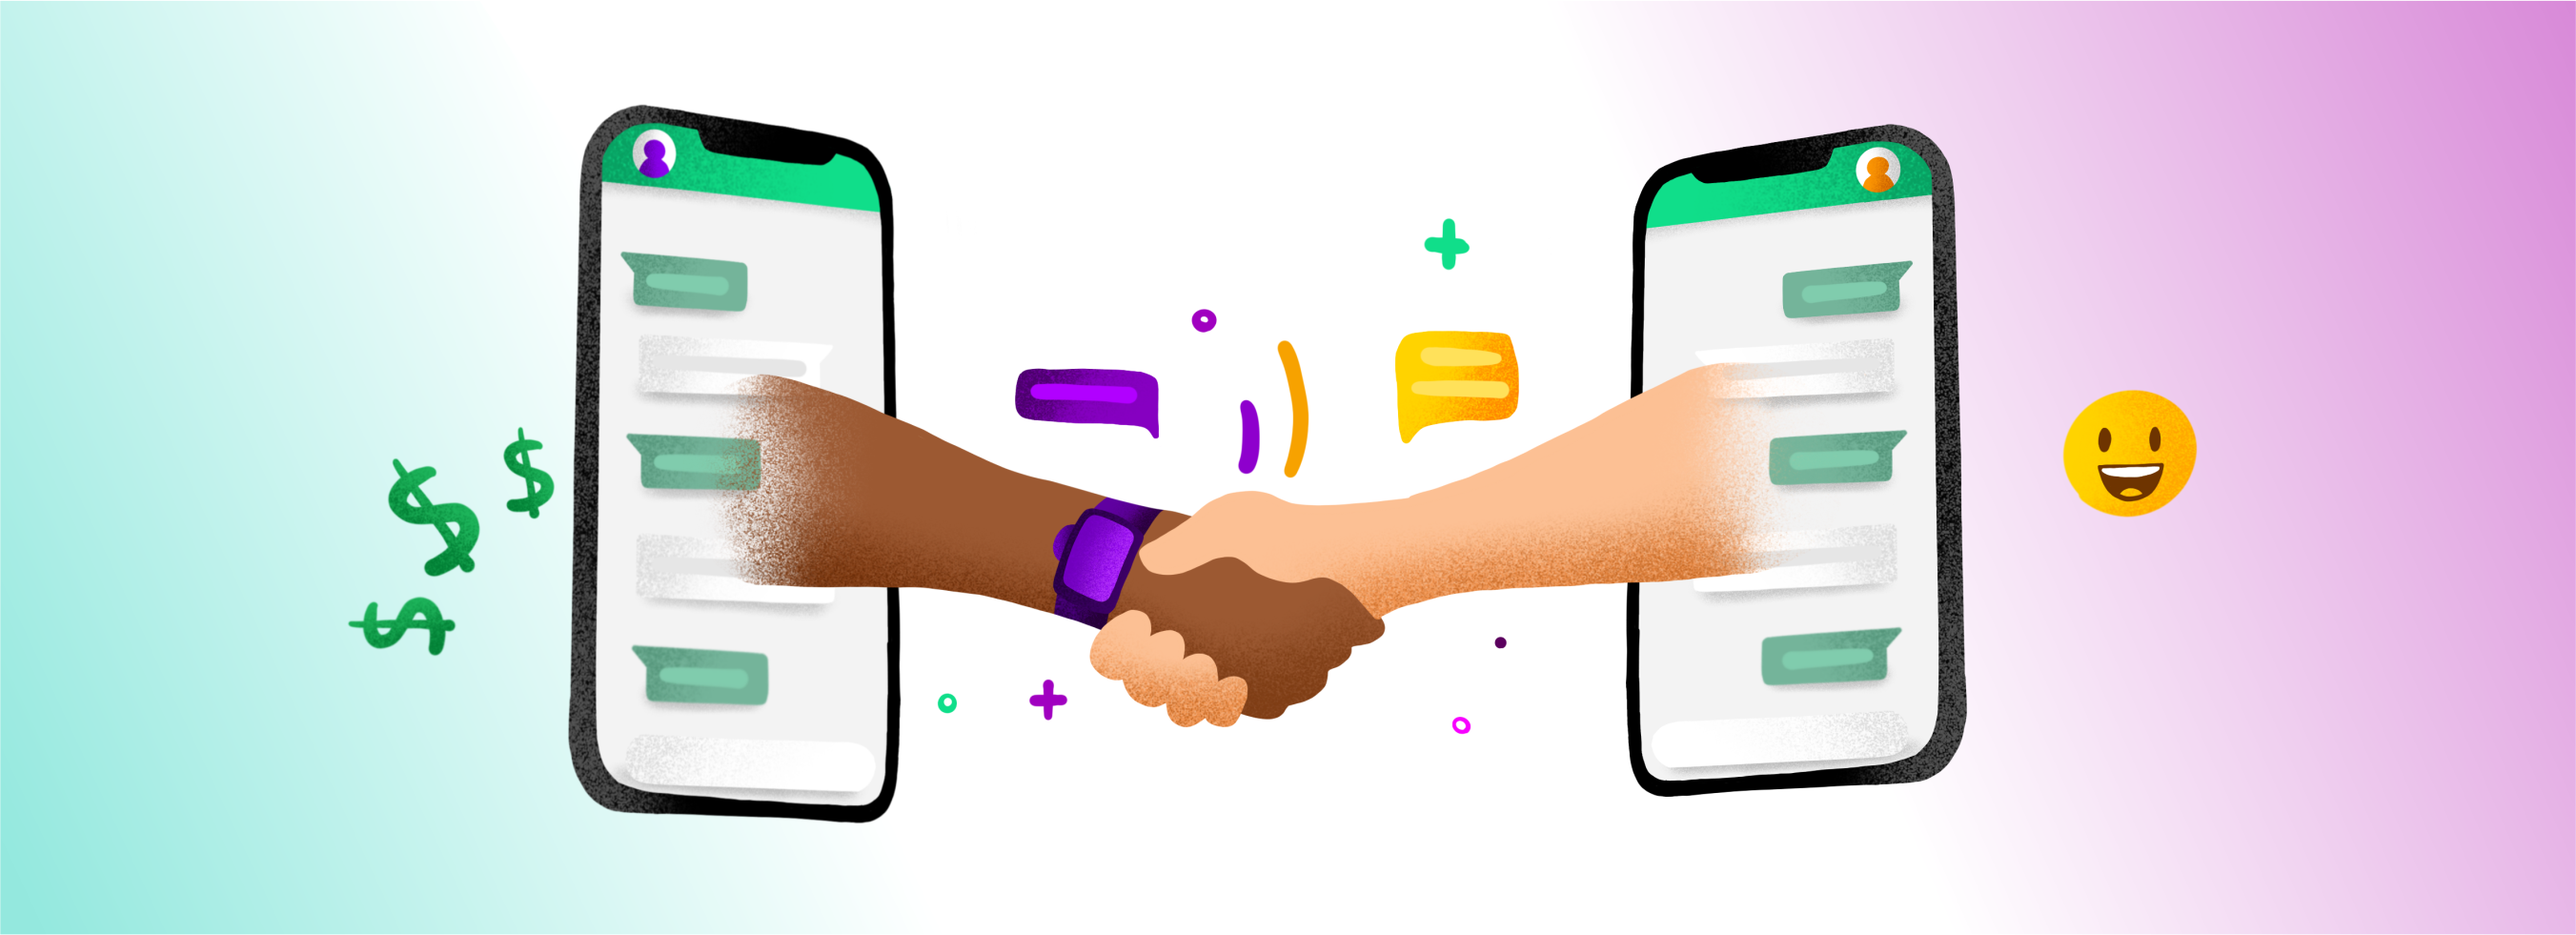 Aprenda a divulgar seu negócio apenas com seu celular